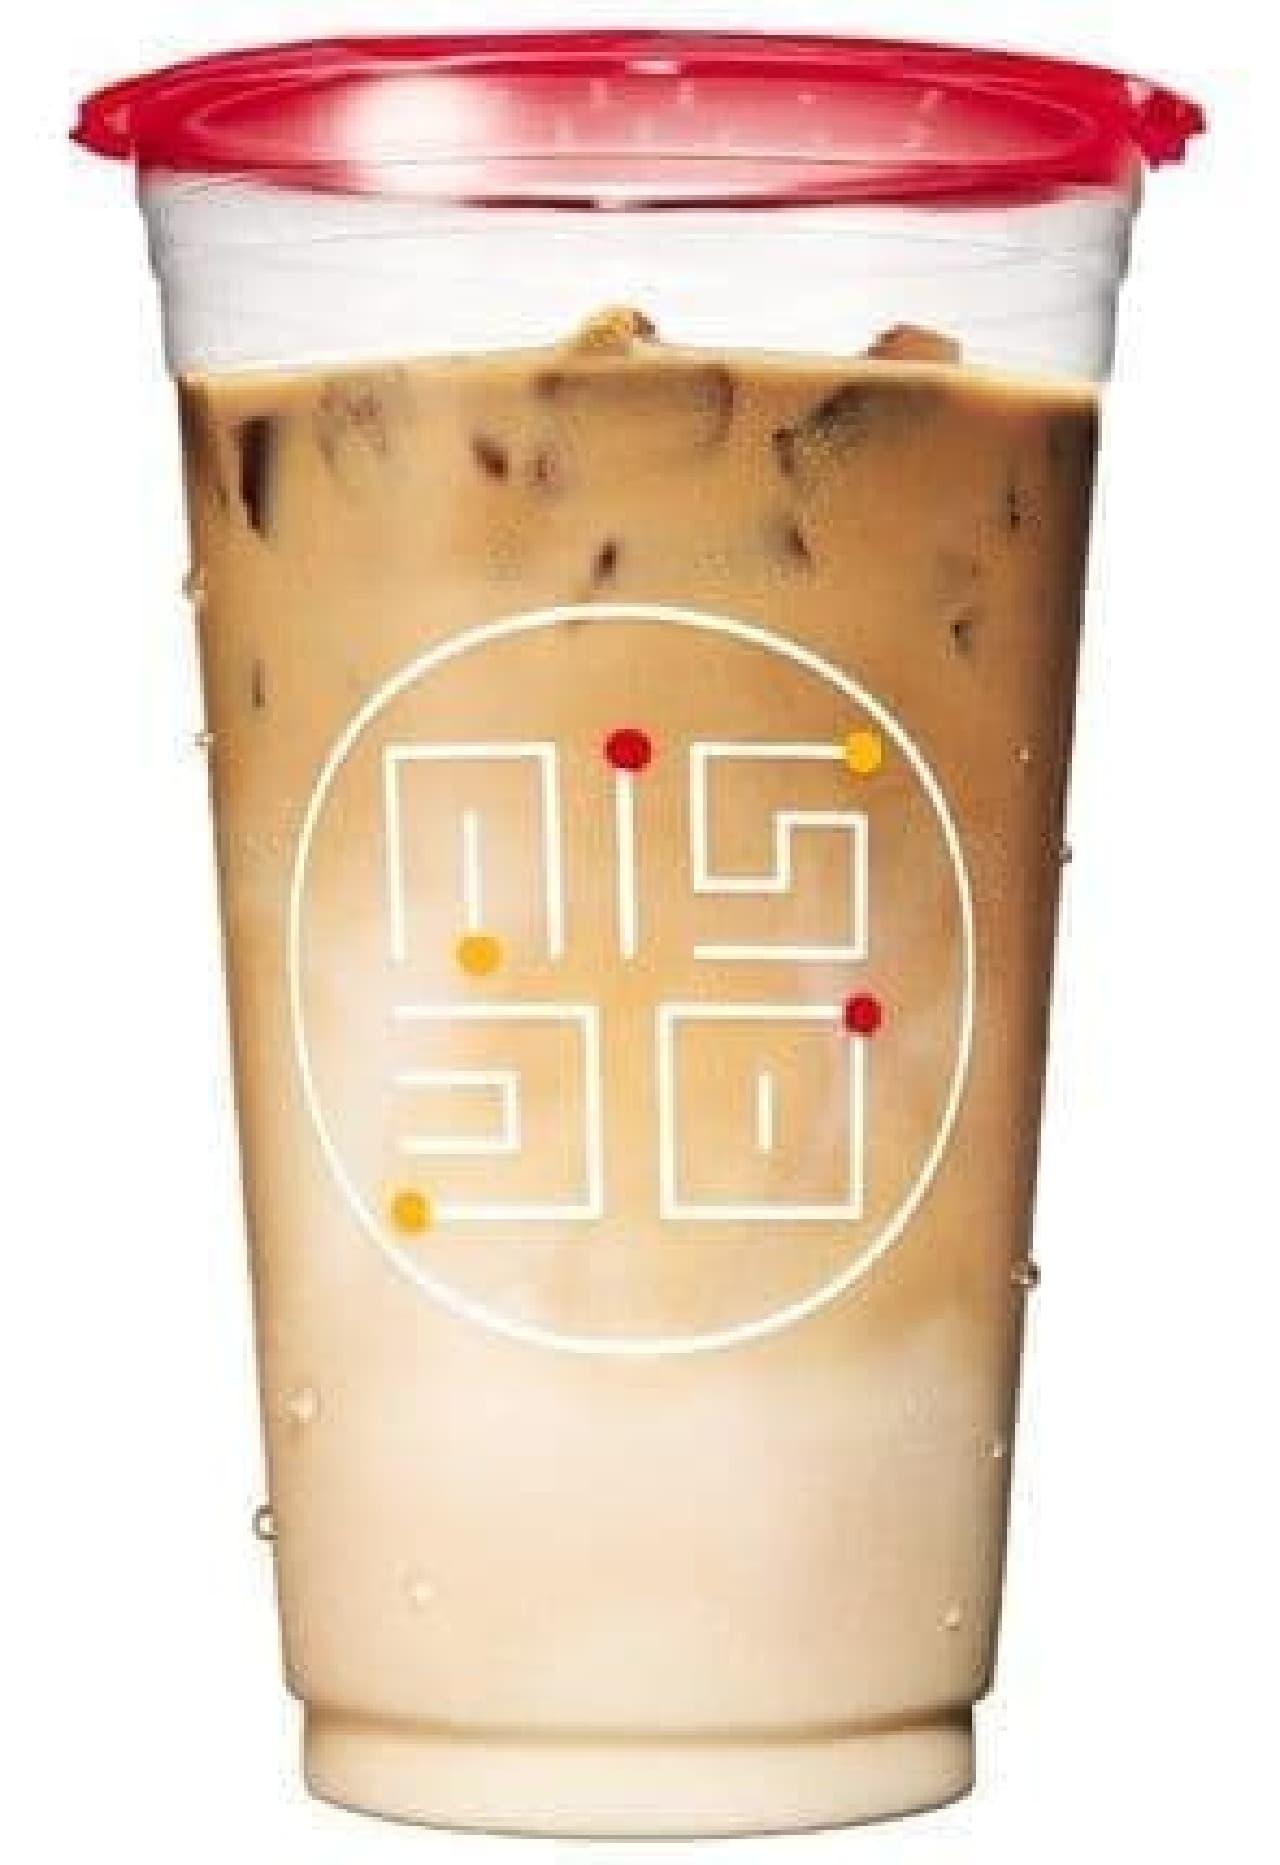 ミスタードーナツ「ダブル氷コーヒー」